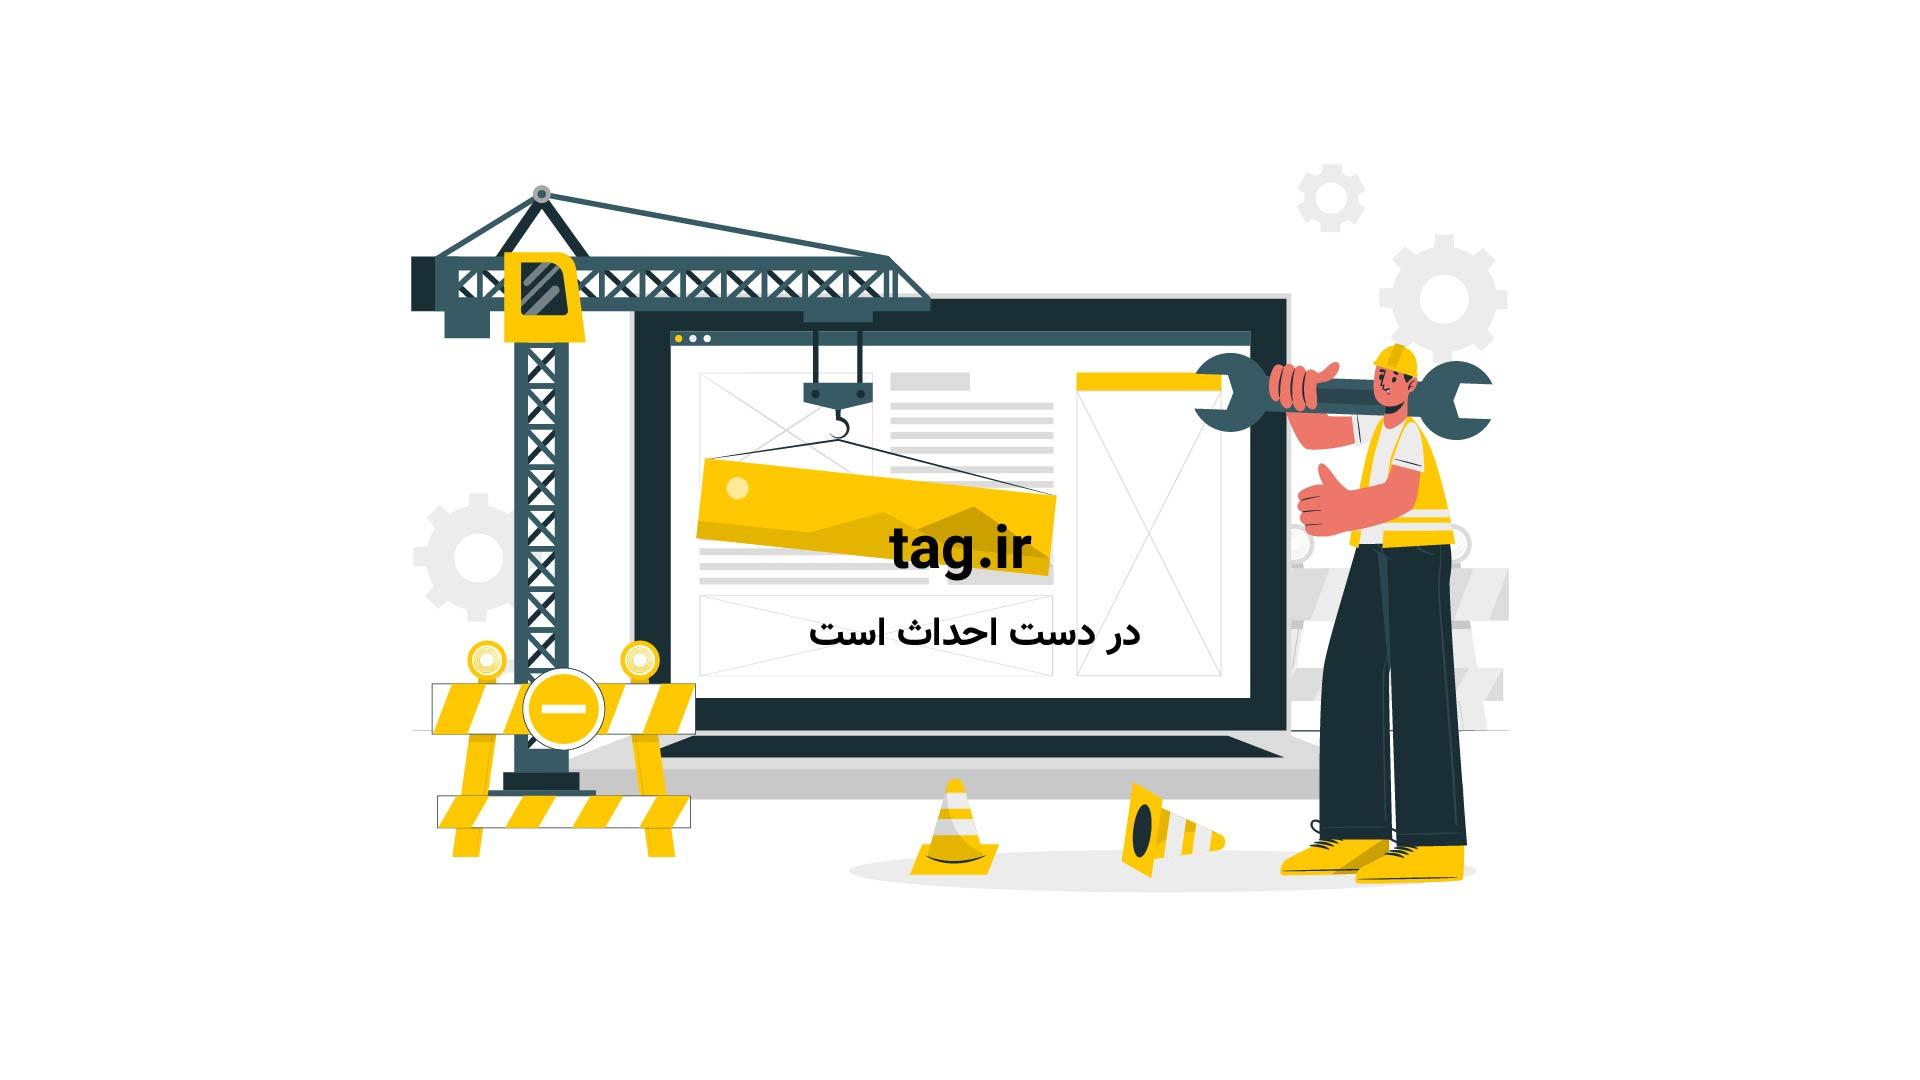 تصادفات رانندگی | تگ